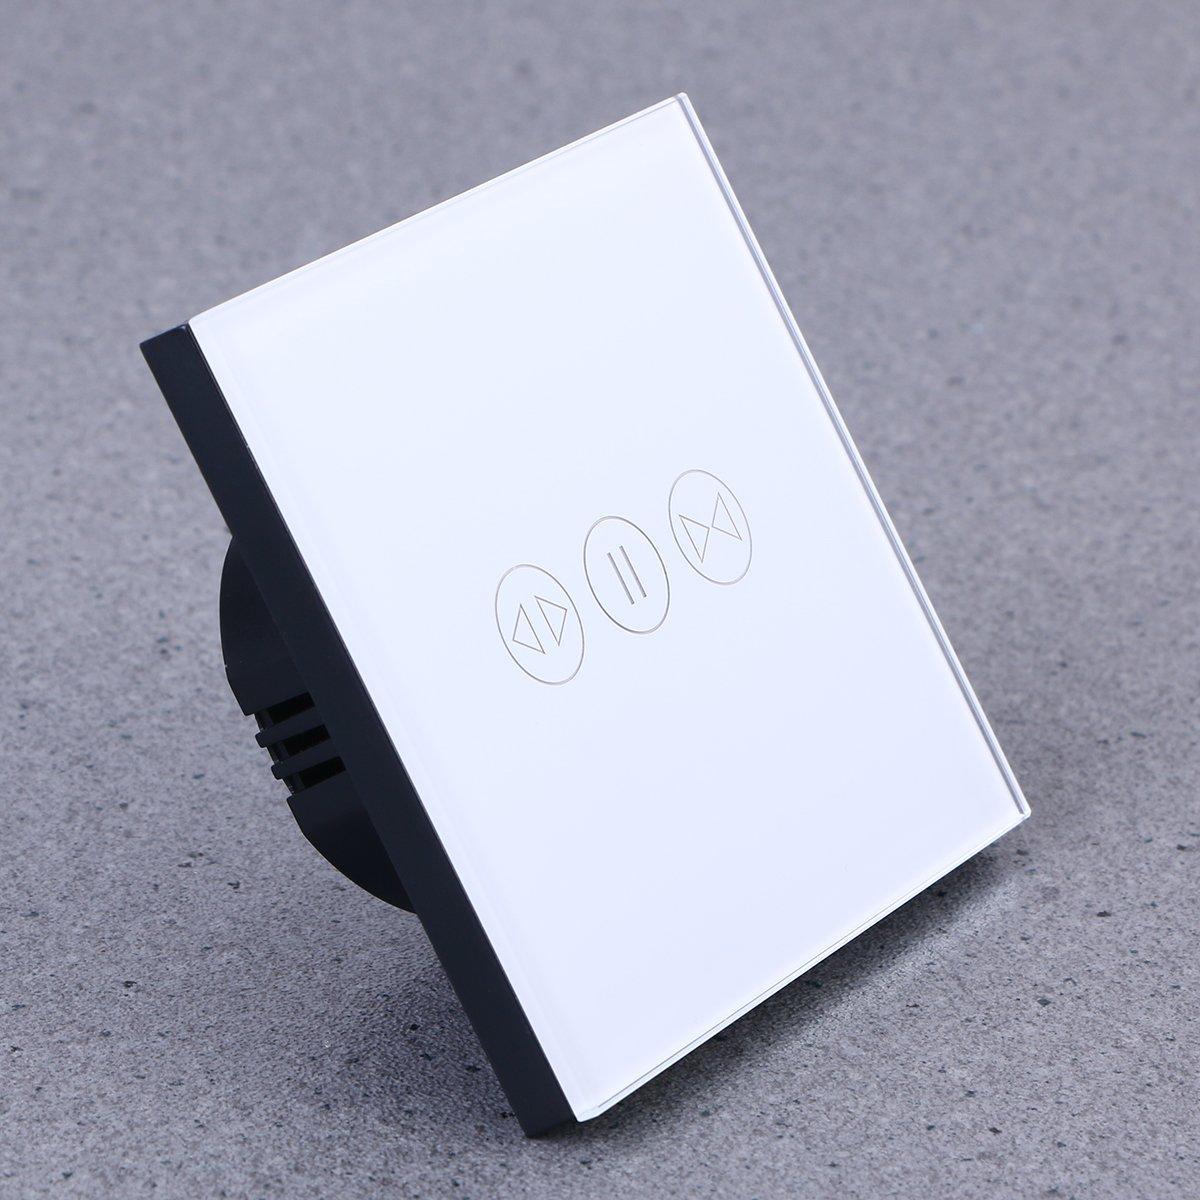 WINOMO Smart WIFI Interrupteur tactile t/él/écommande sans fil Rideau de fen/être commutateur contr/ôleur Interrupteur Volet roulant Blanc